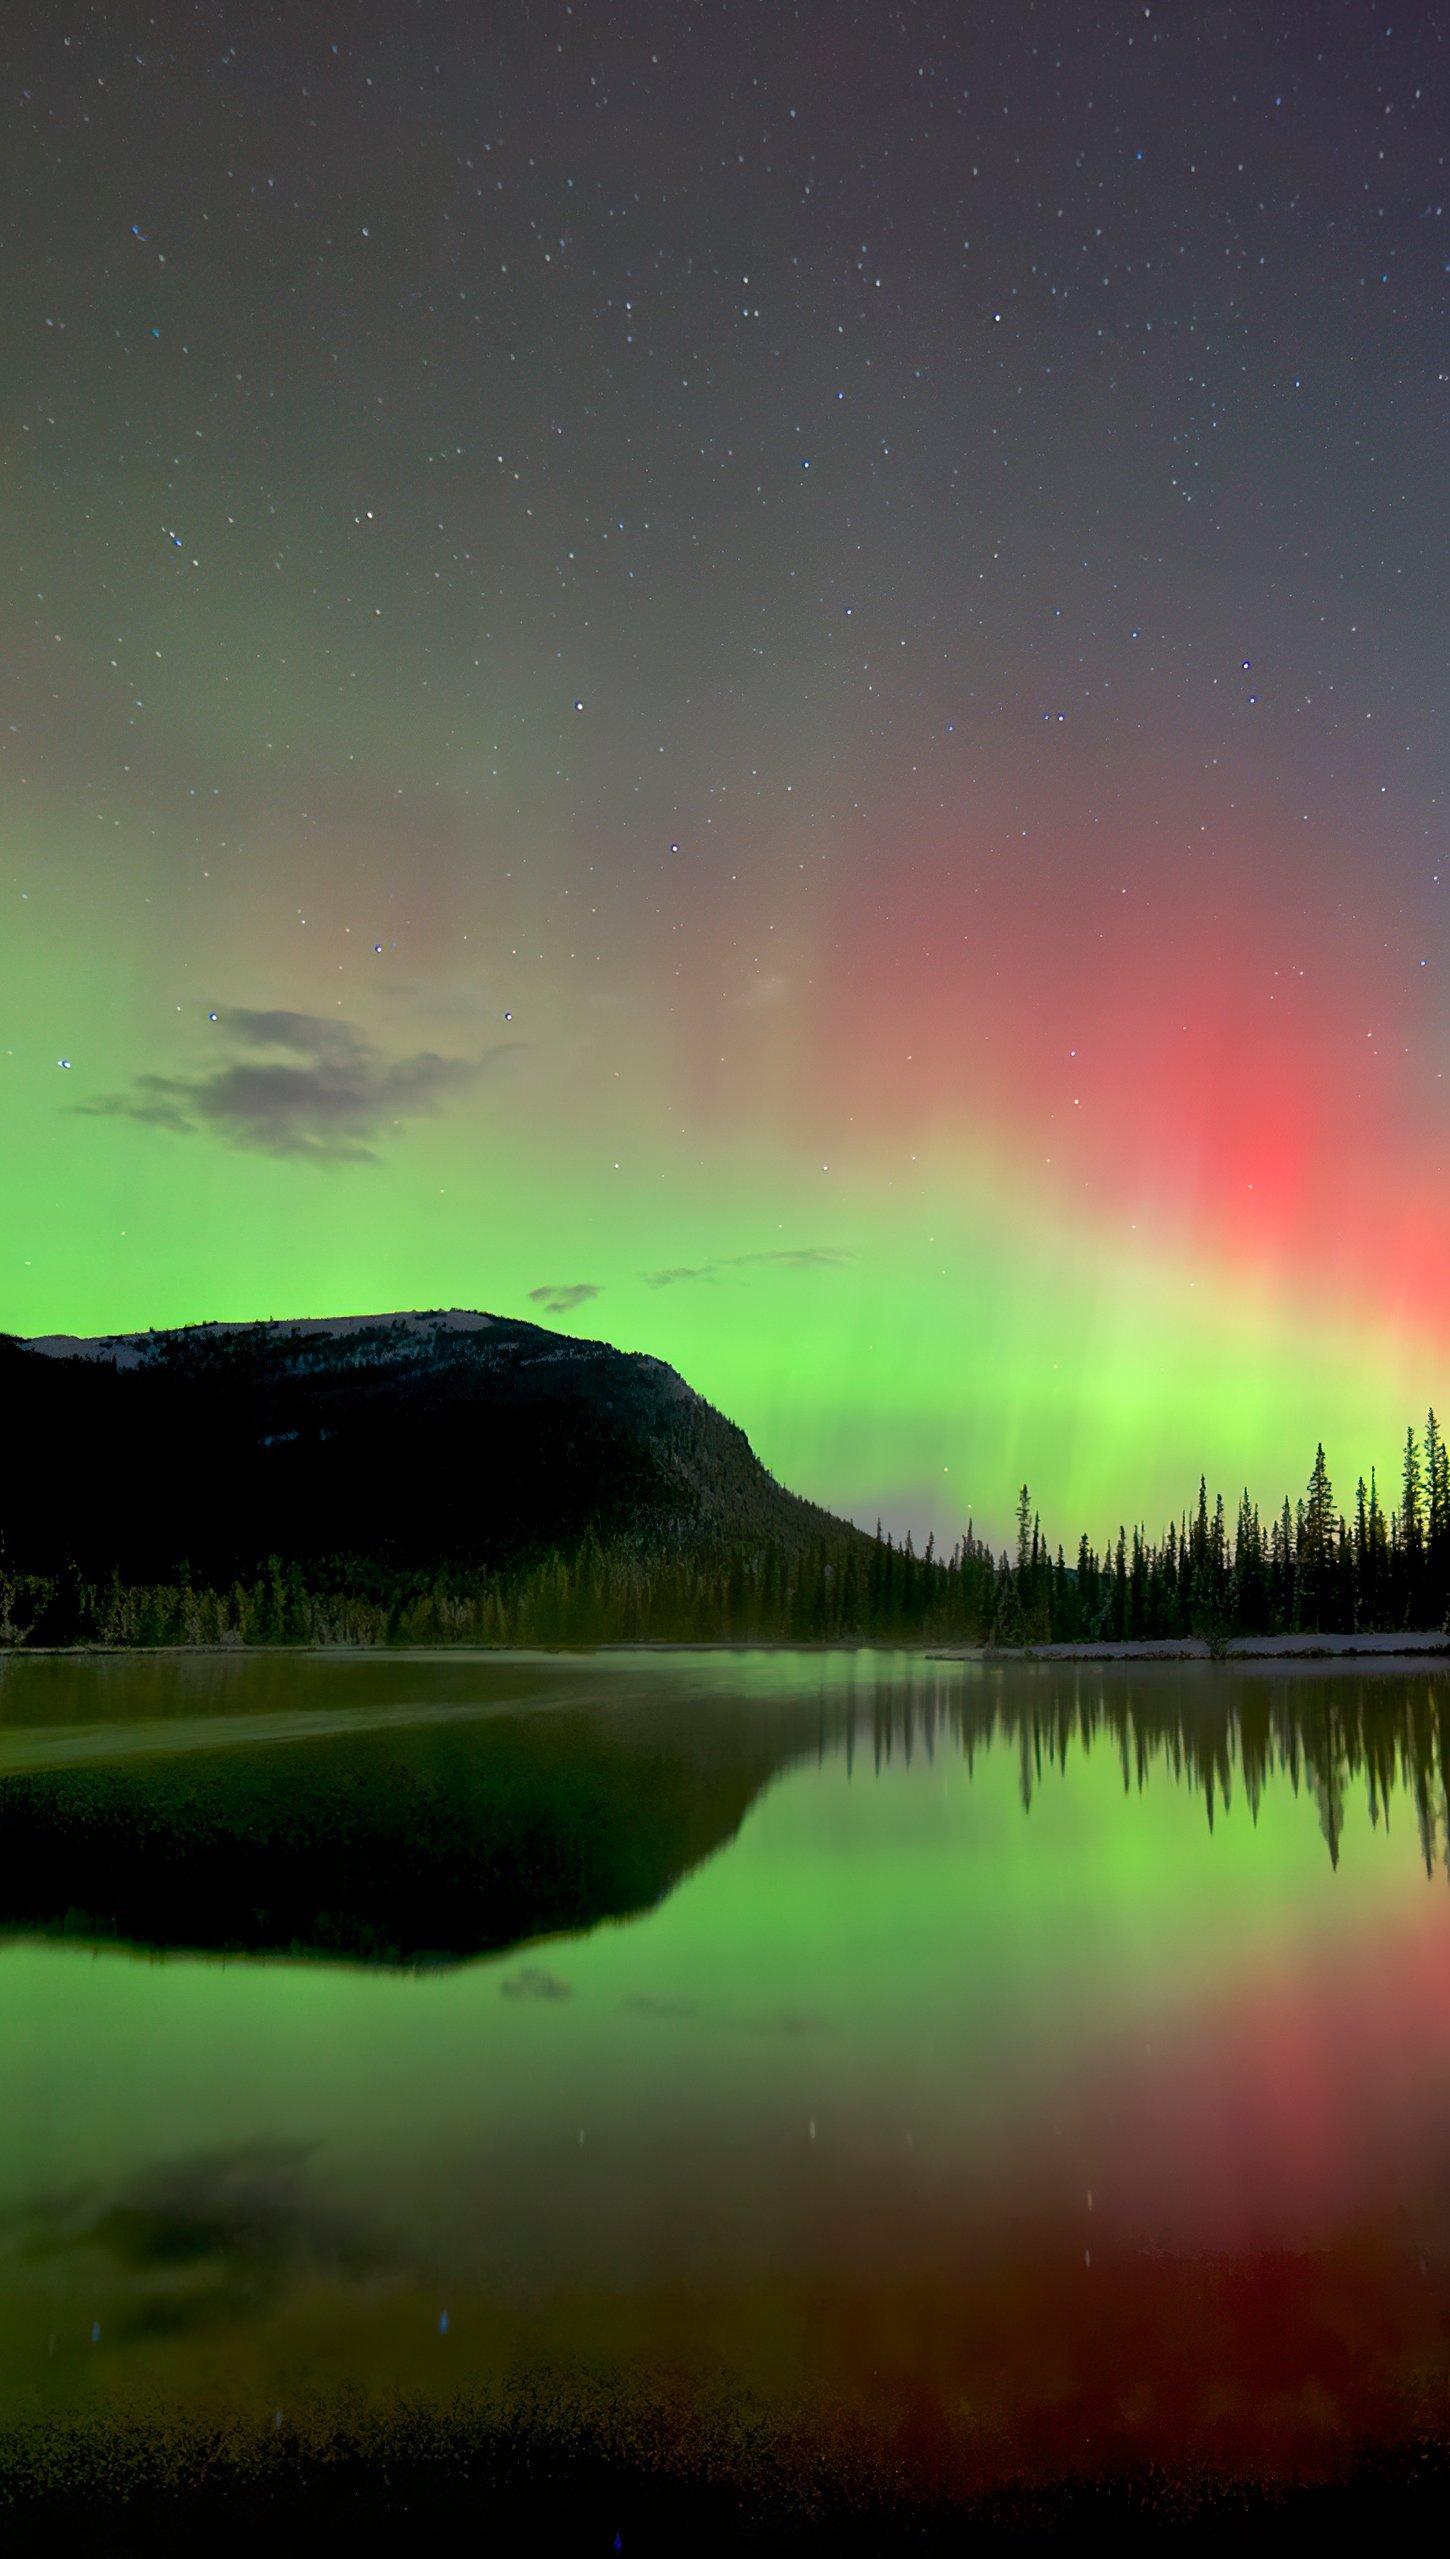 Fondos de pantalla Aurora polar detras de montañas y lago Vertical